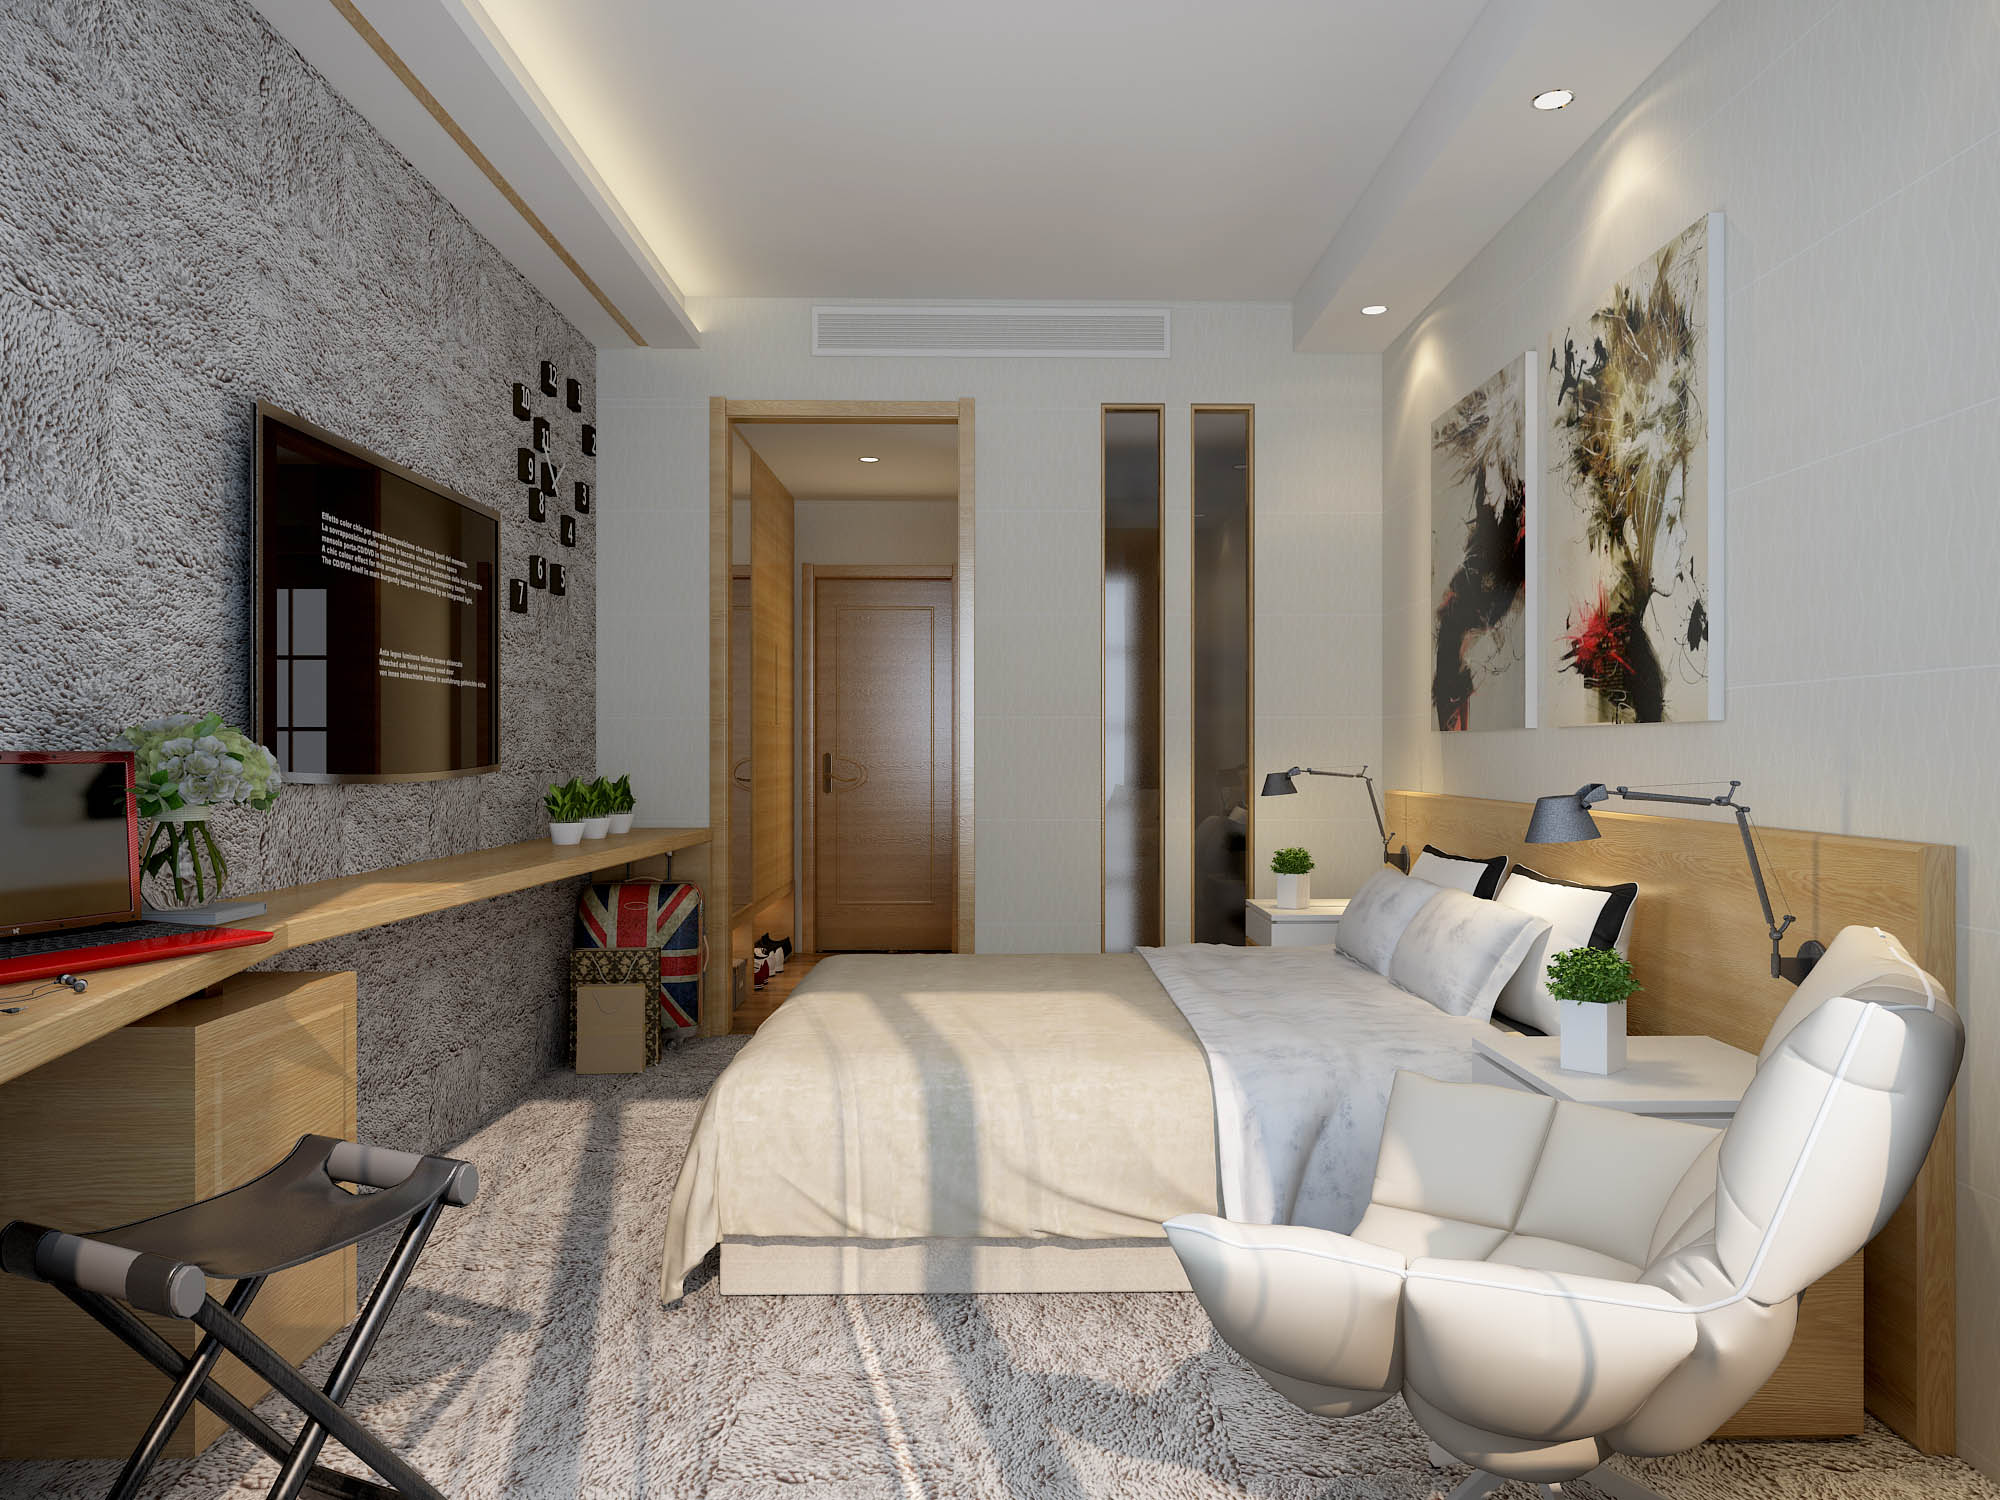 月亮湾大酒店客房设计